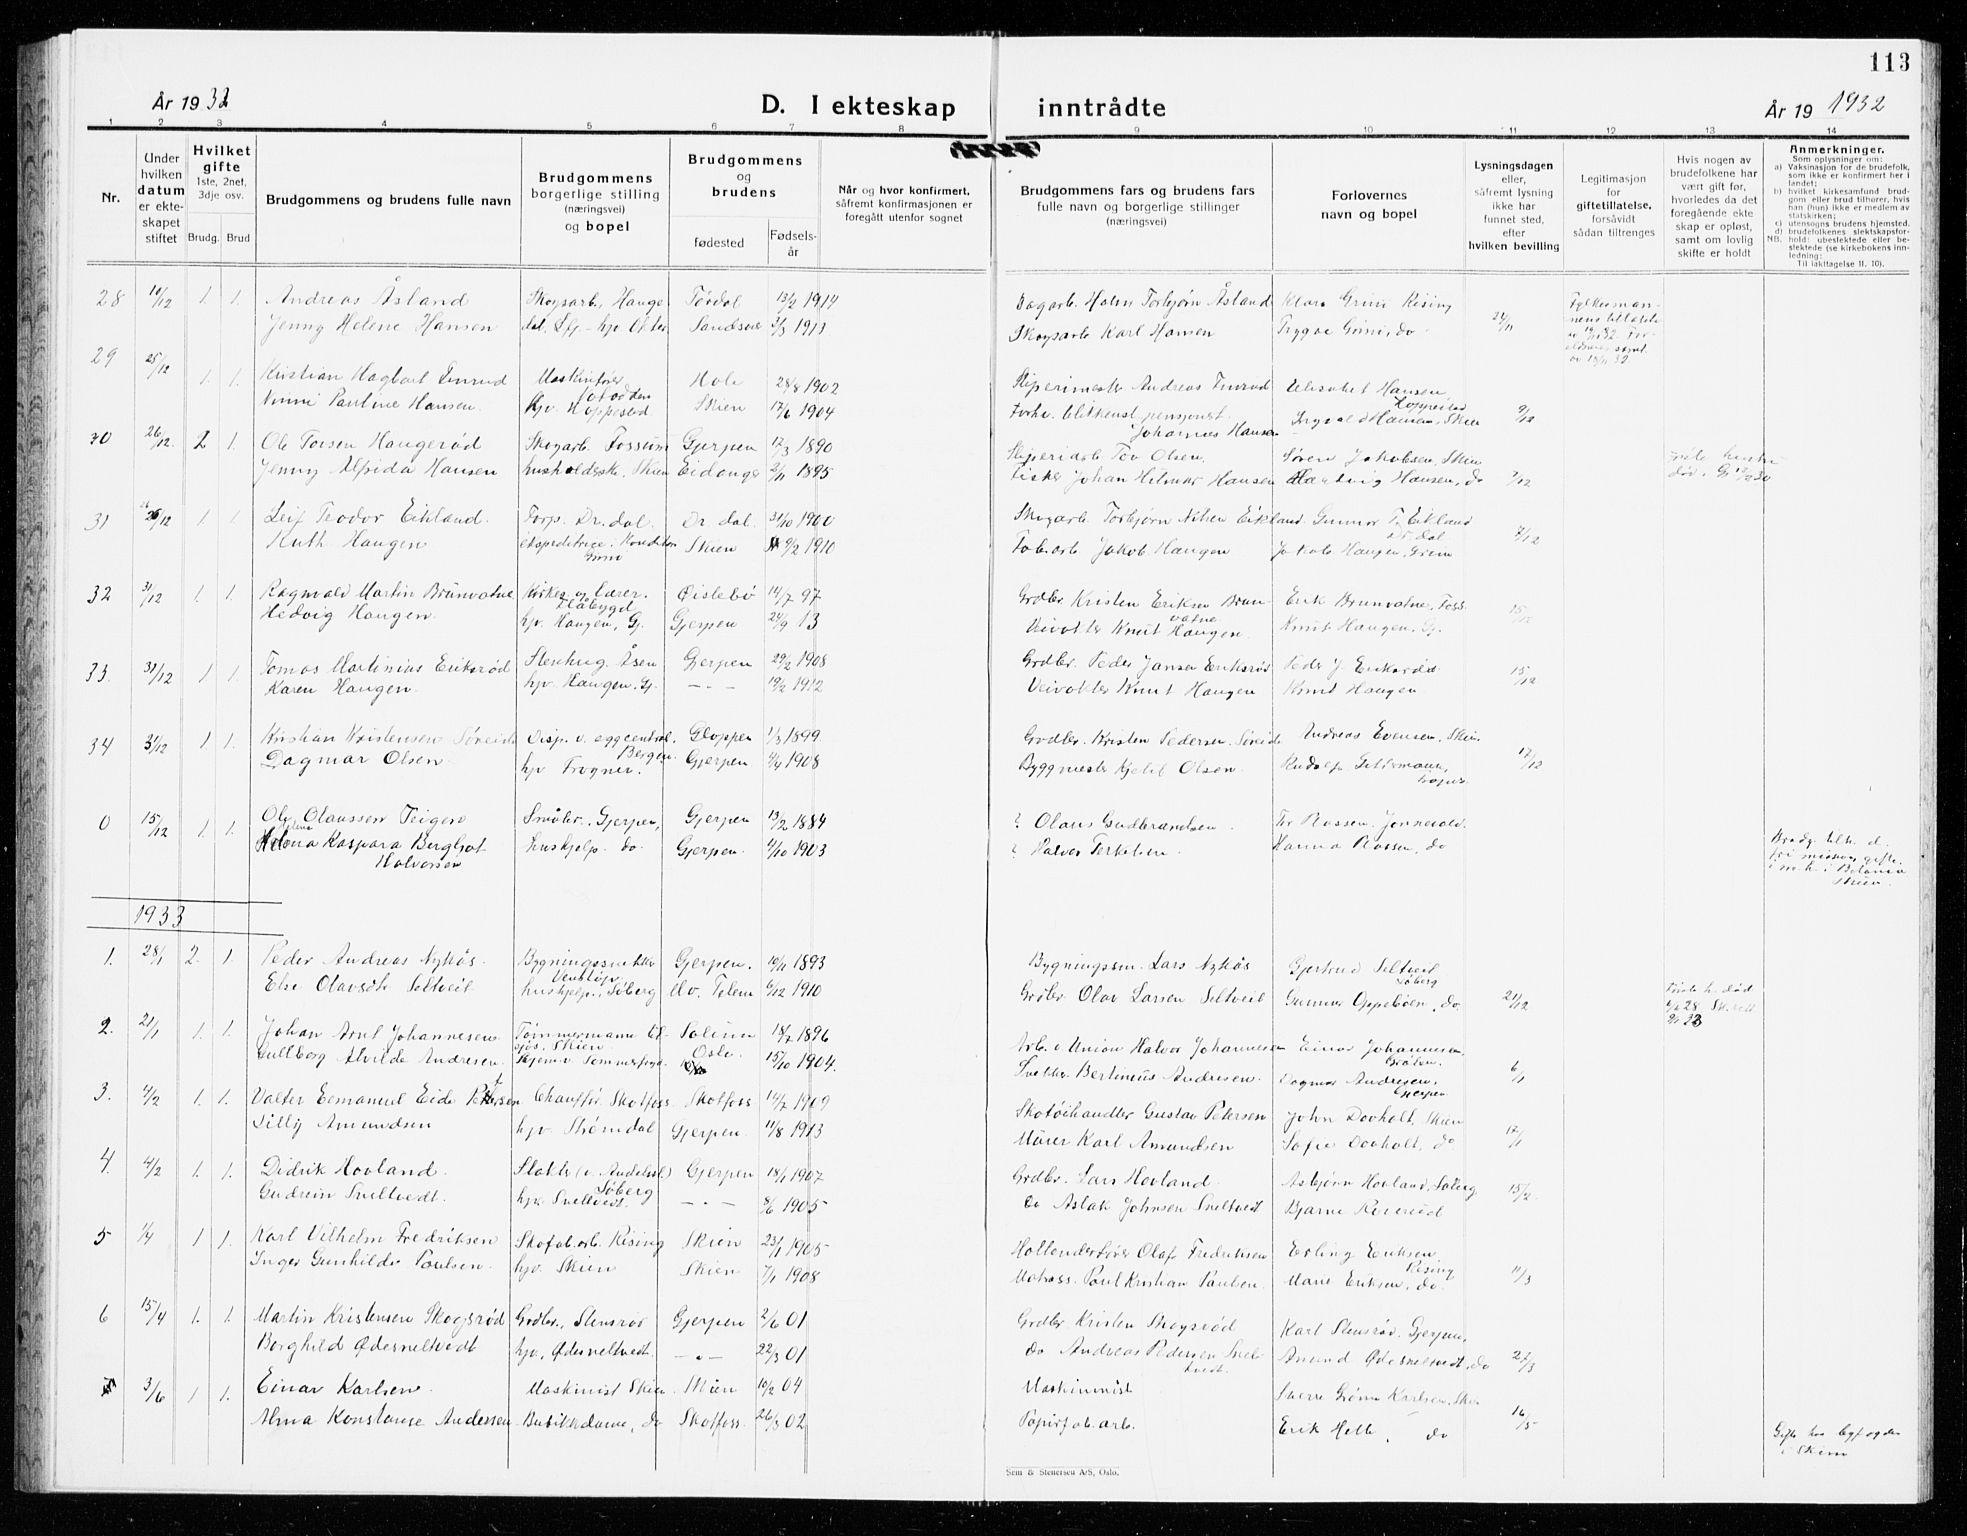 SAKO, Gjerpen kirkebøker, G/Ga/L0005: Klokkerbok nr. I 5, 1932-1940, s. 113